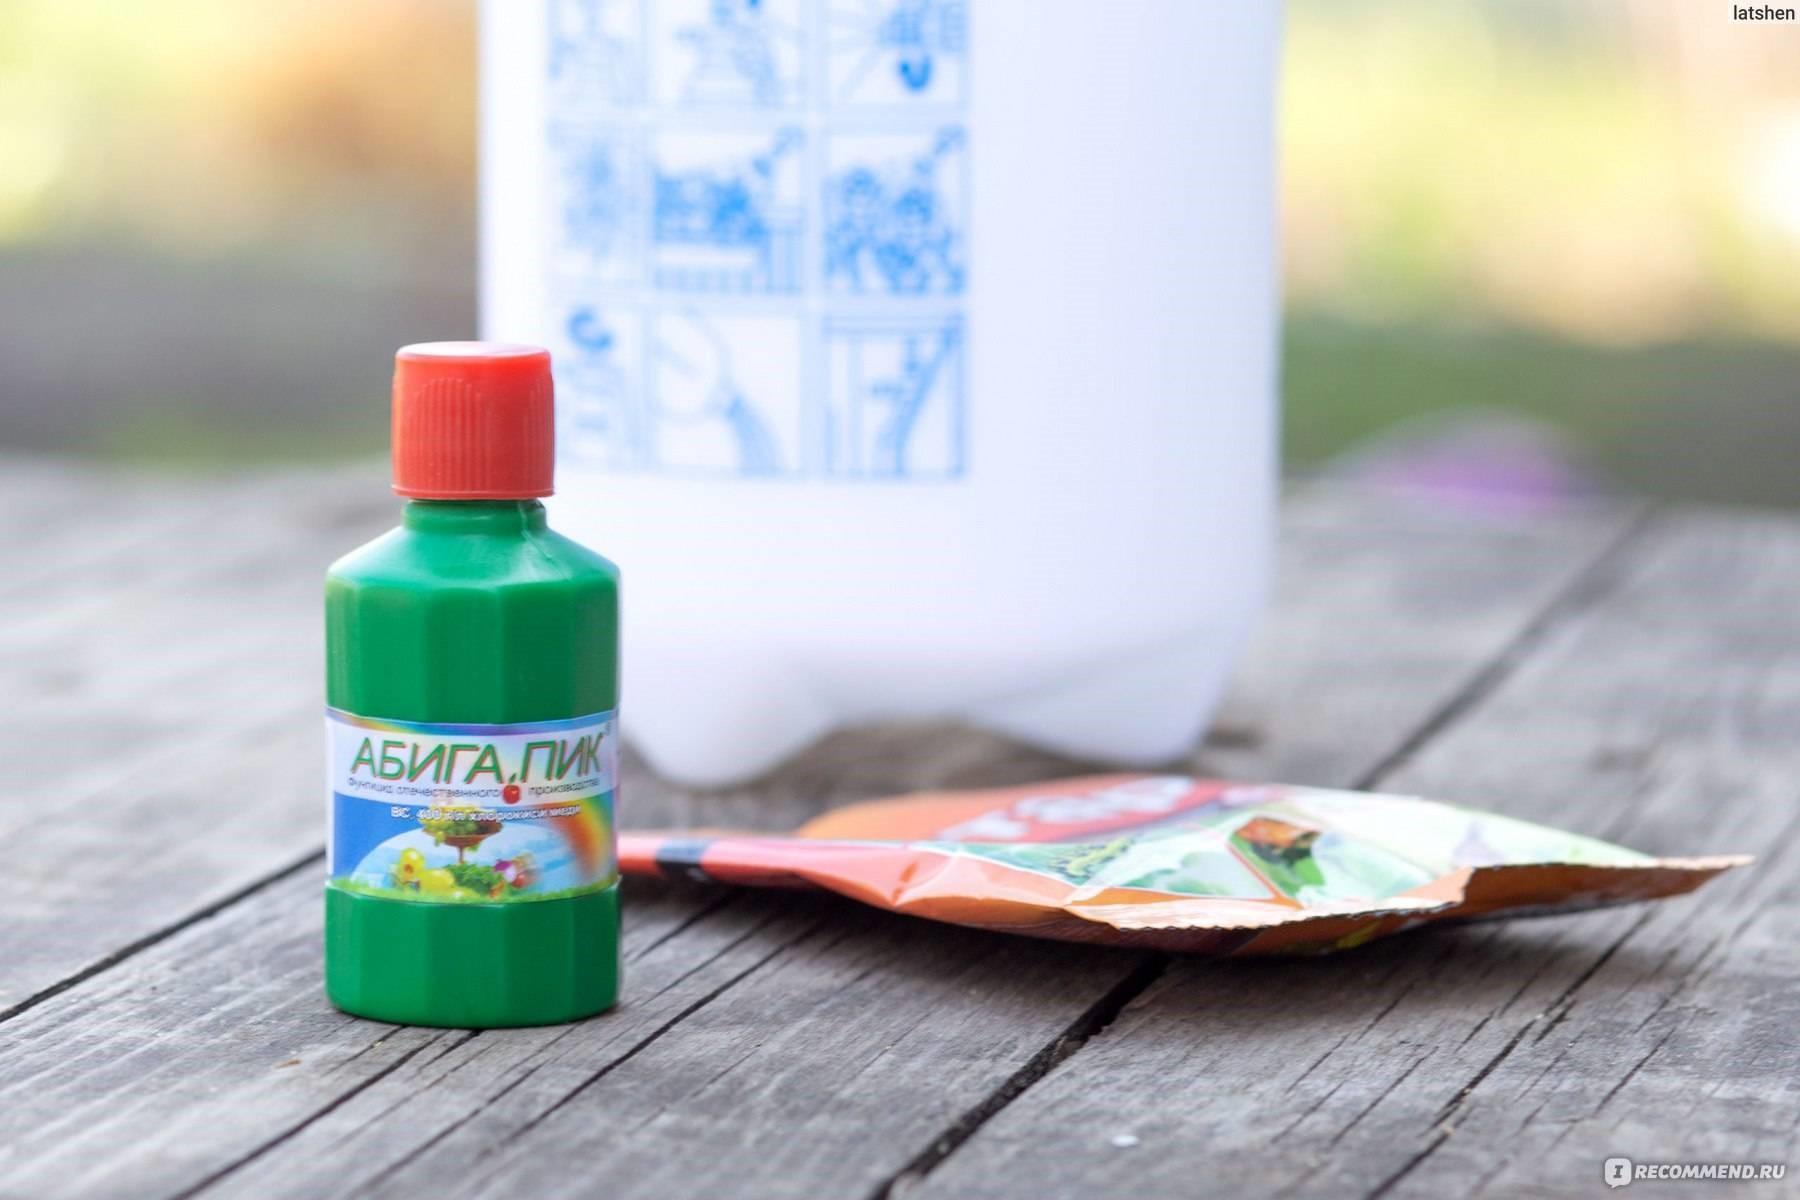 Абига-Пик – действенное средство для защиты от грибков и бактерий